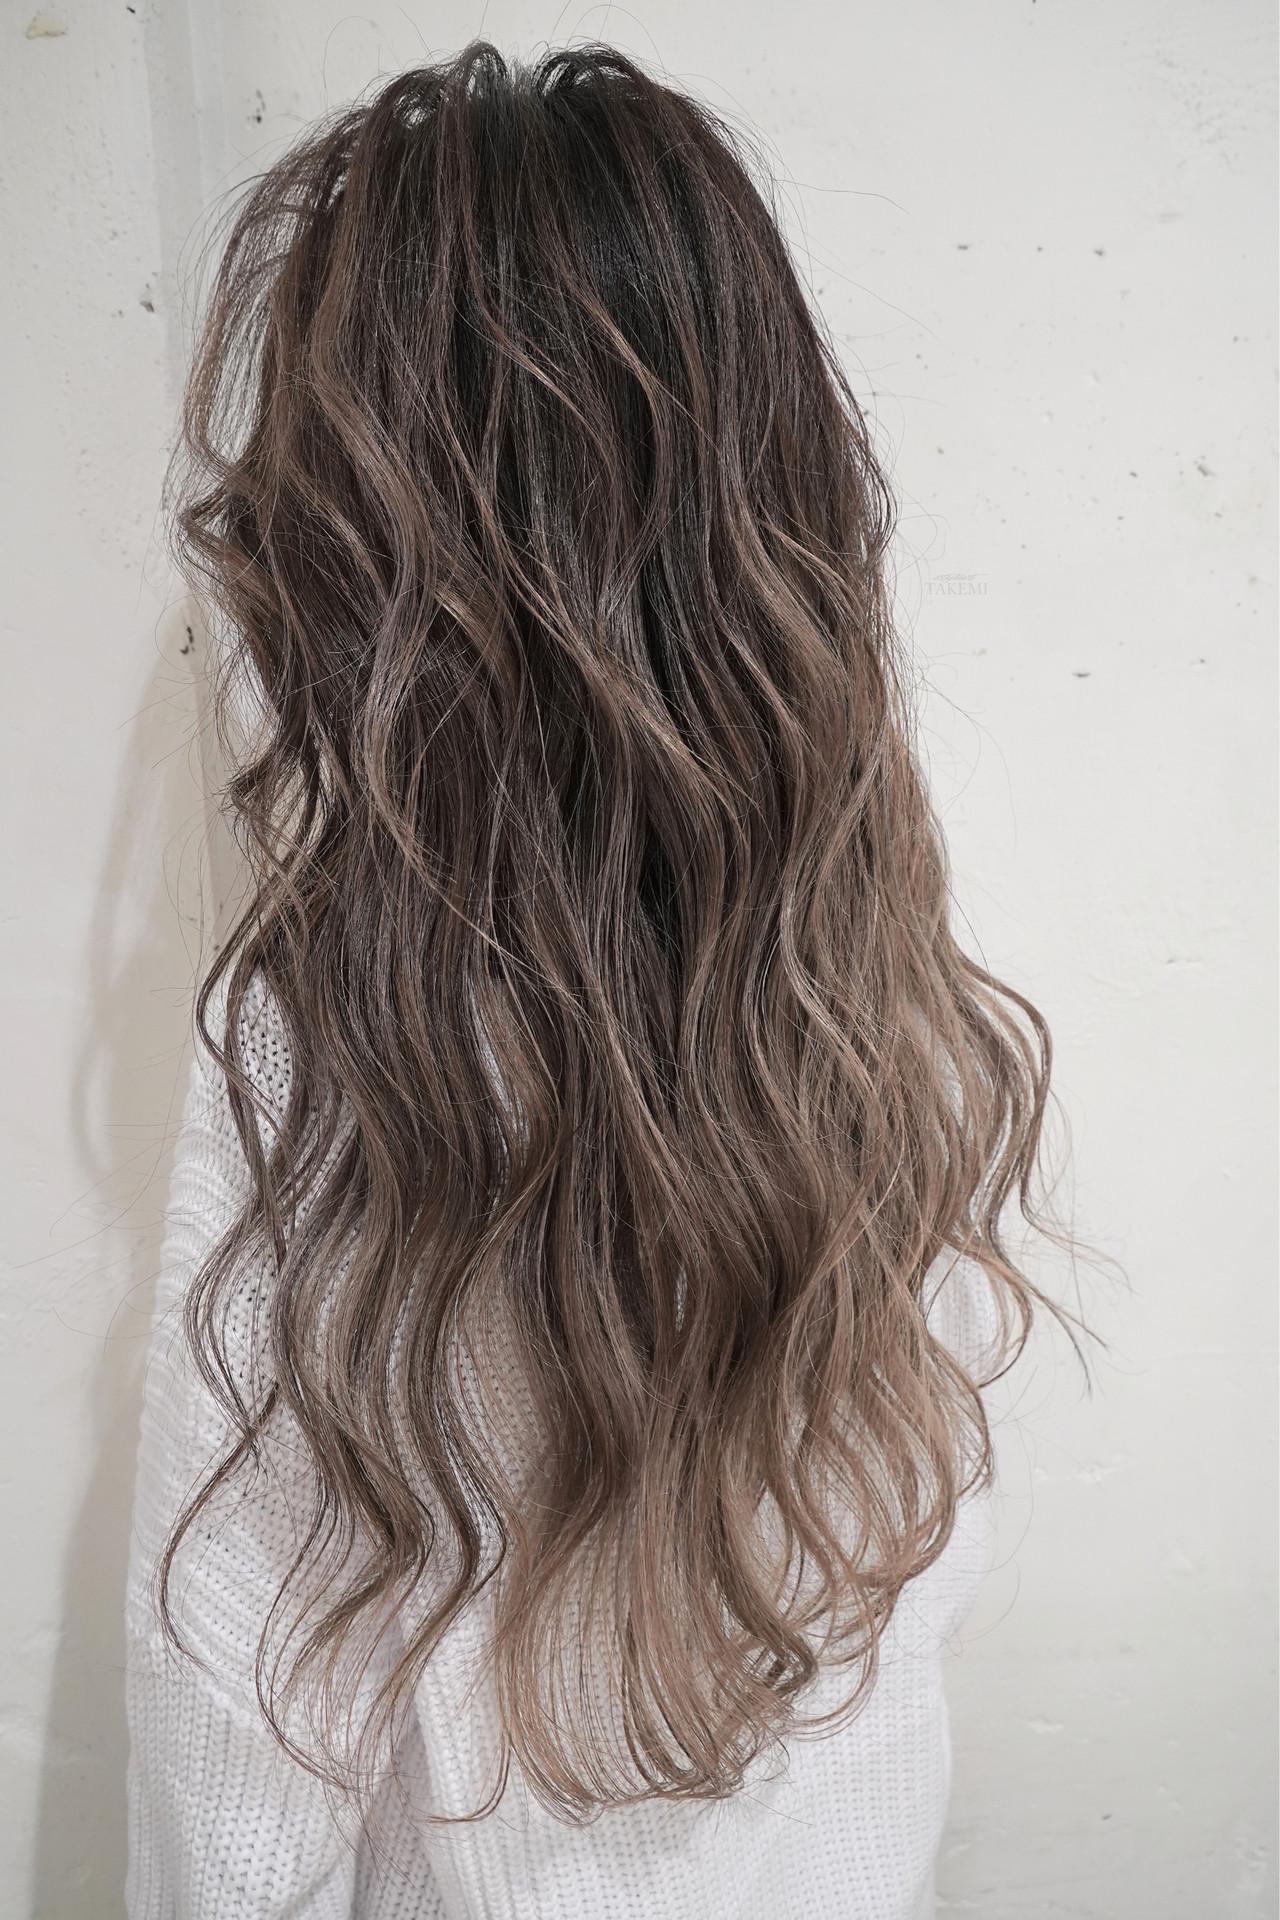 グレージュ ロング 外国人風カラー ハイライトヘアスタイルや髪型の写真・画像